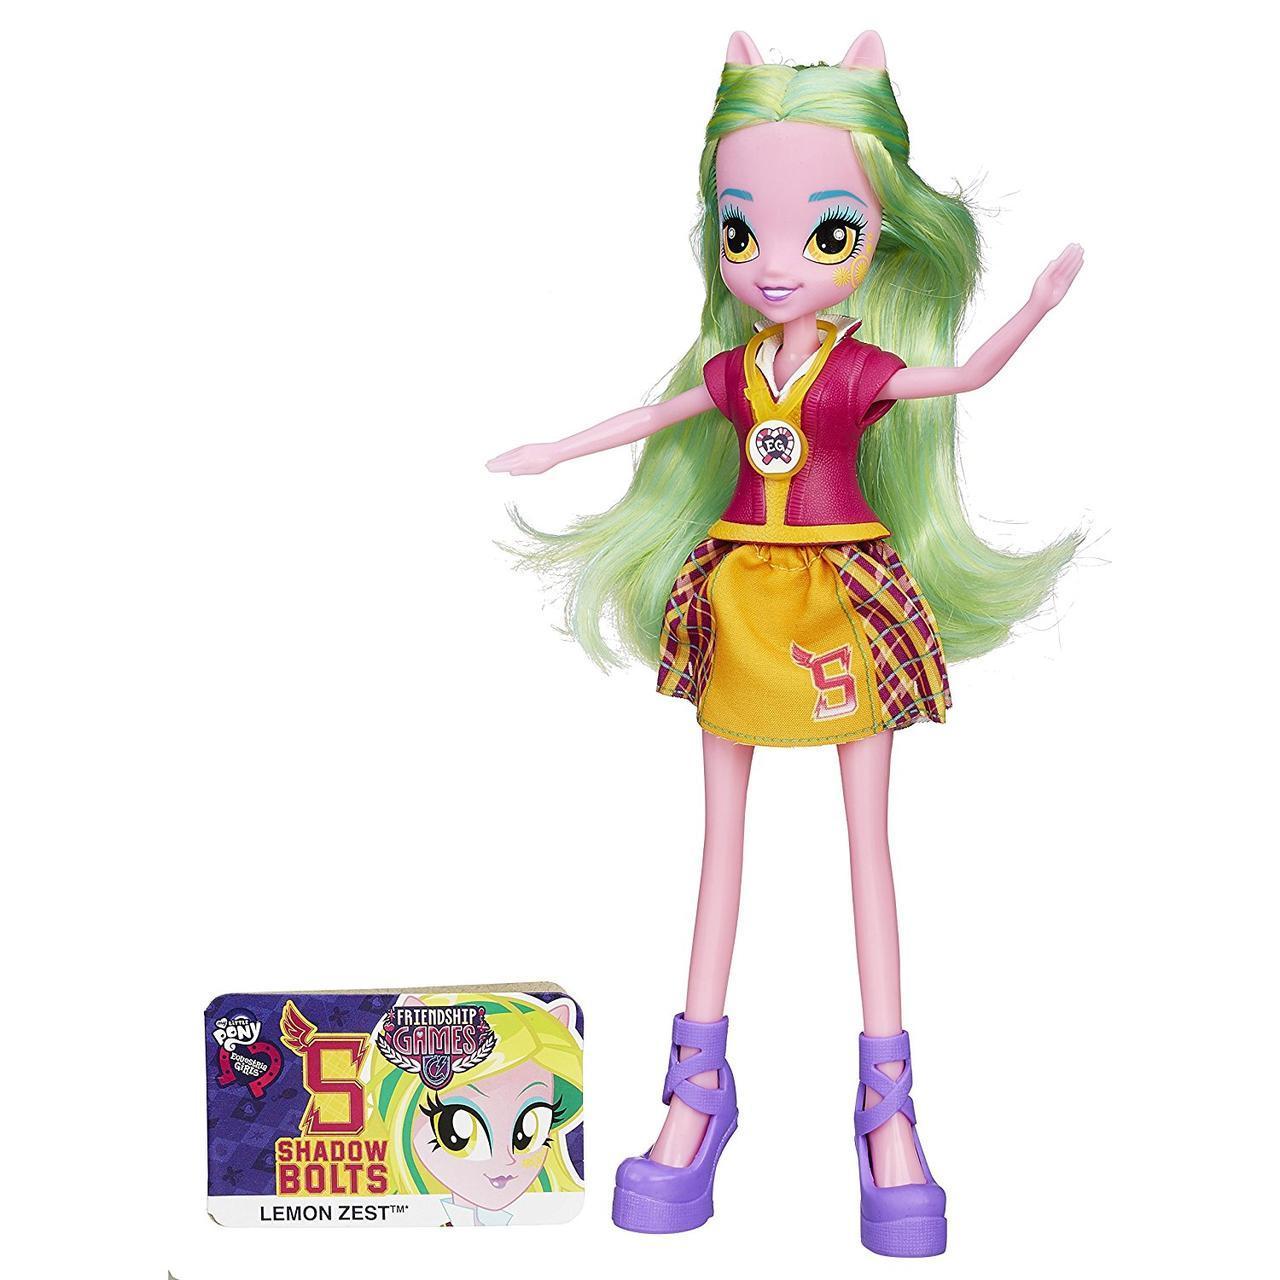 My Little Pony Девушки эквестрии Лемон Зест школьный дух Май Литл Пони Lemon Zest Friendship Games